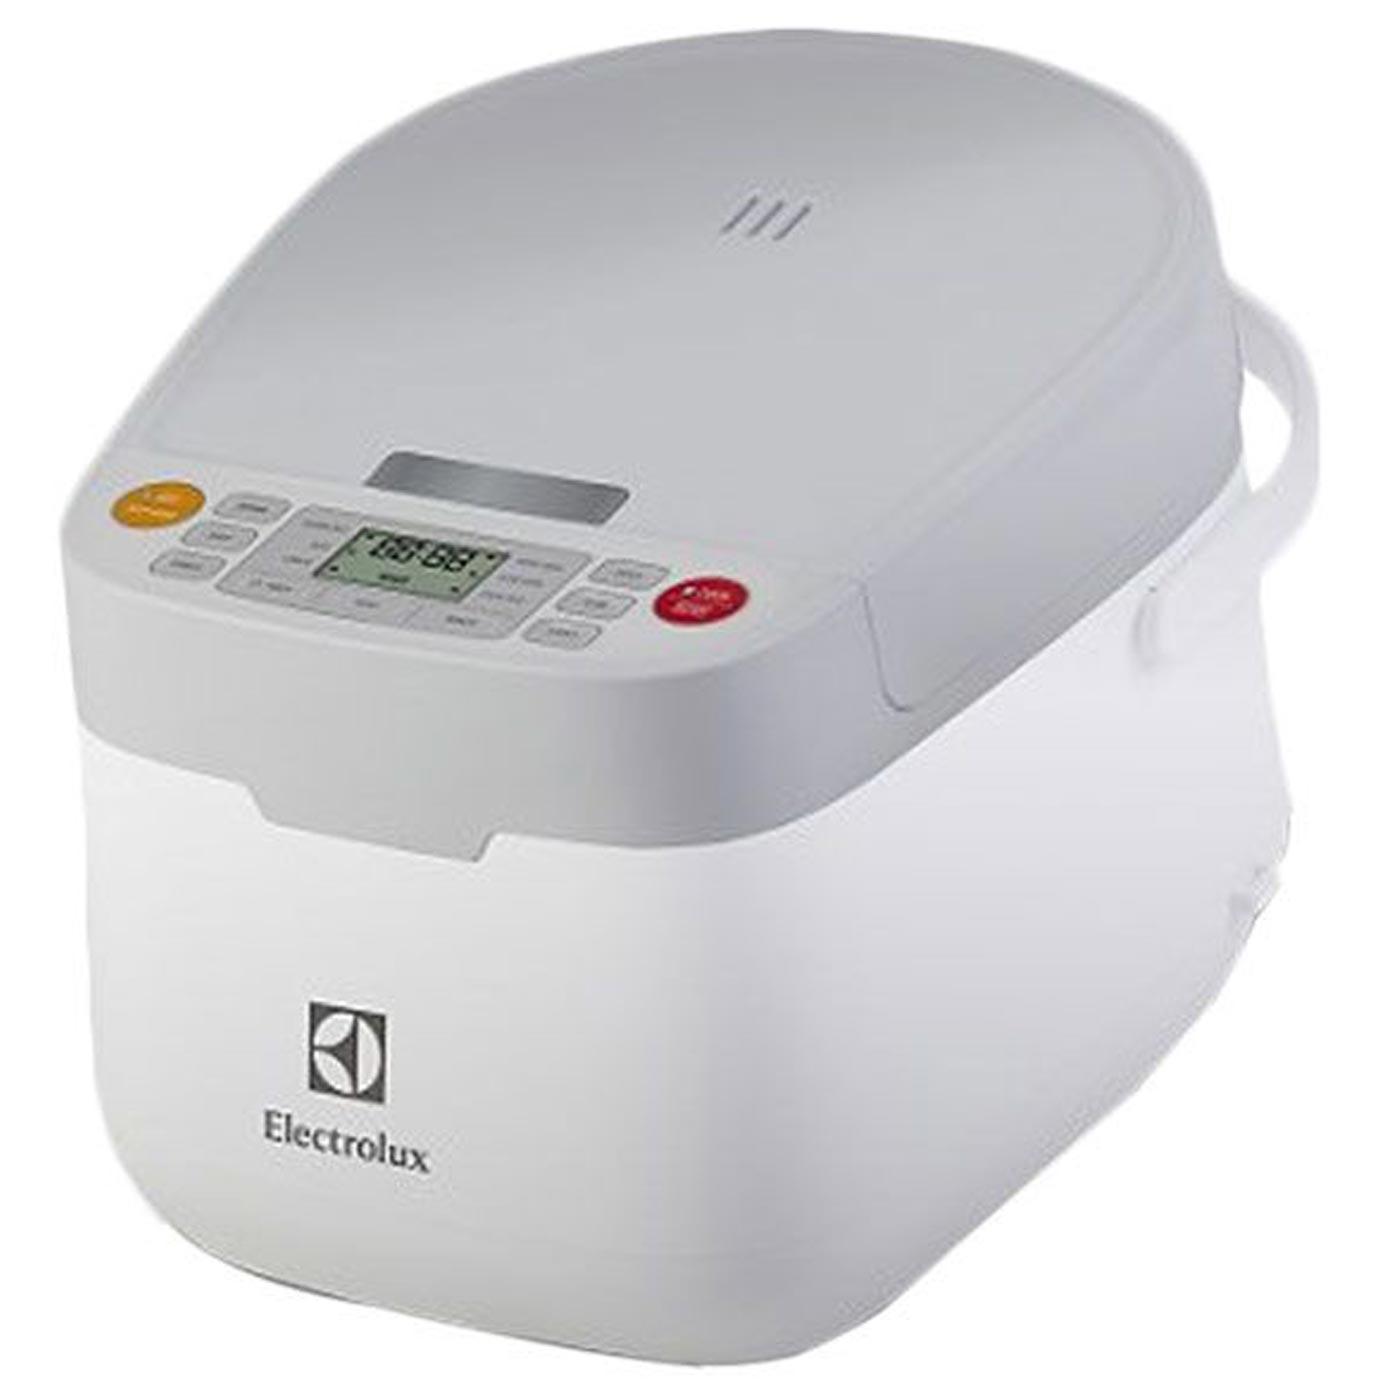 Electrolux Rice Cooker Fuzzy Logic 1.2L ERC-6503W